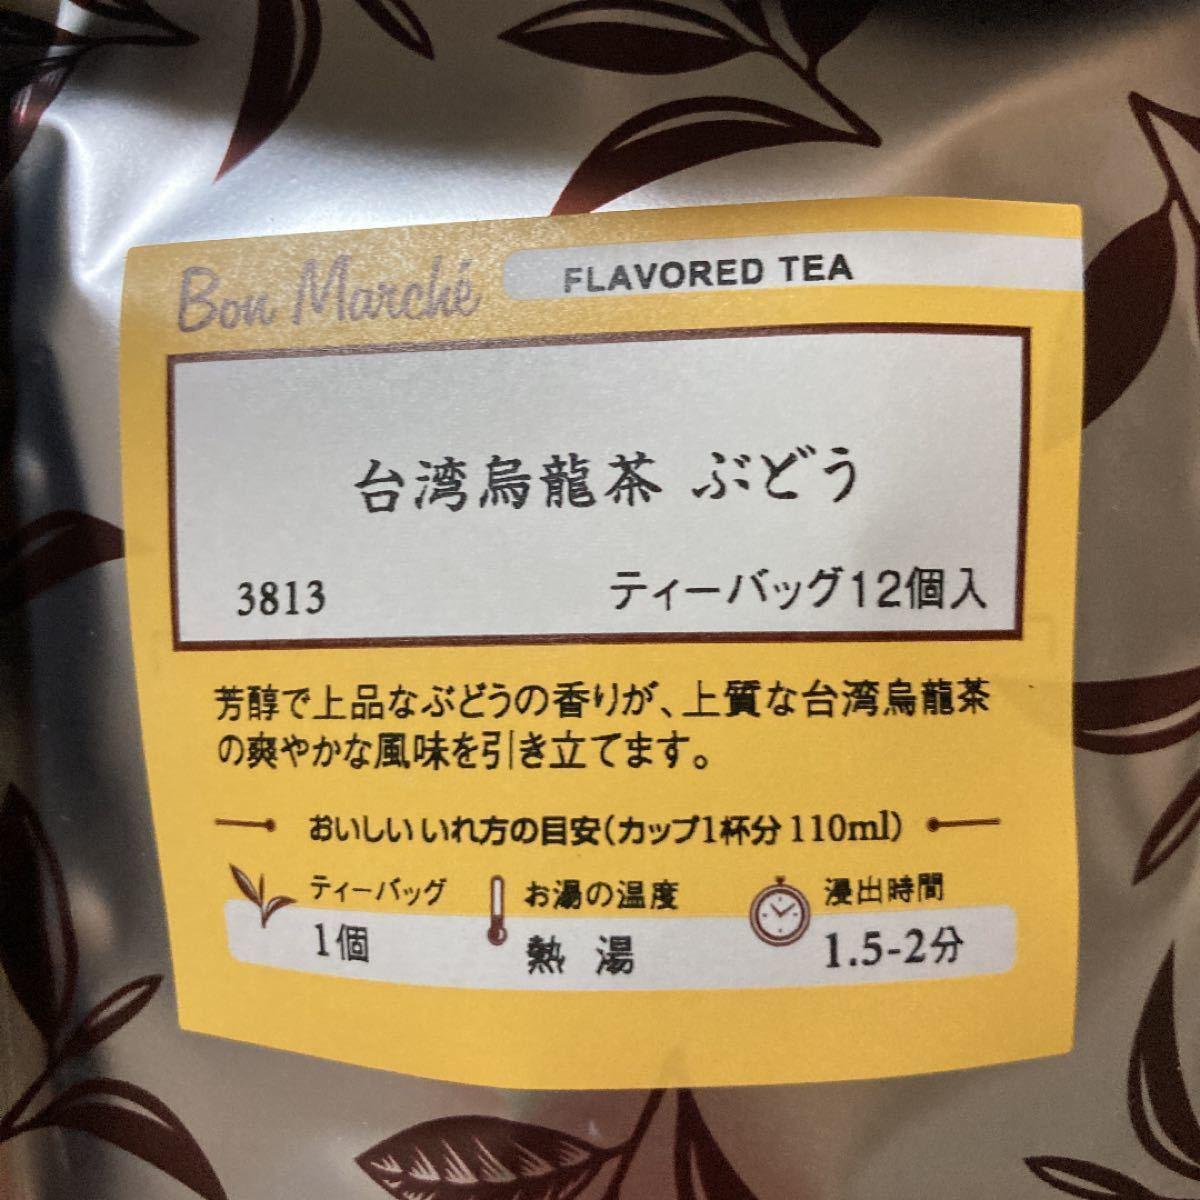 ルピシア 紅茶 ティーバッグ   6種類  サンプル4個おまけ付き